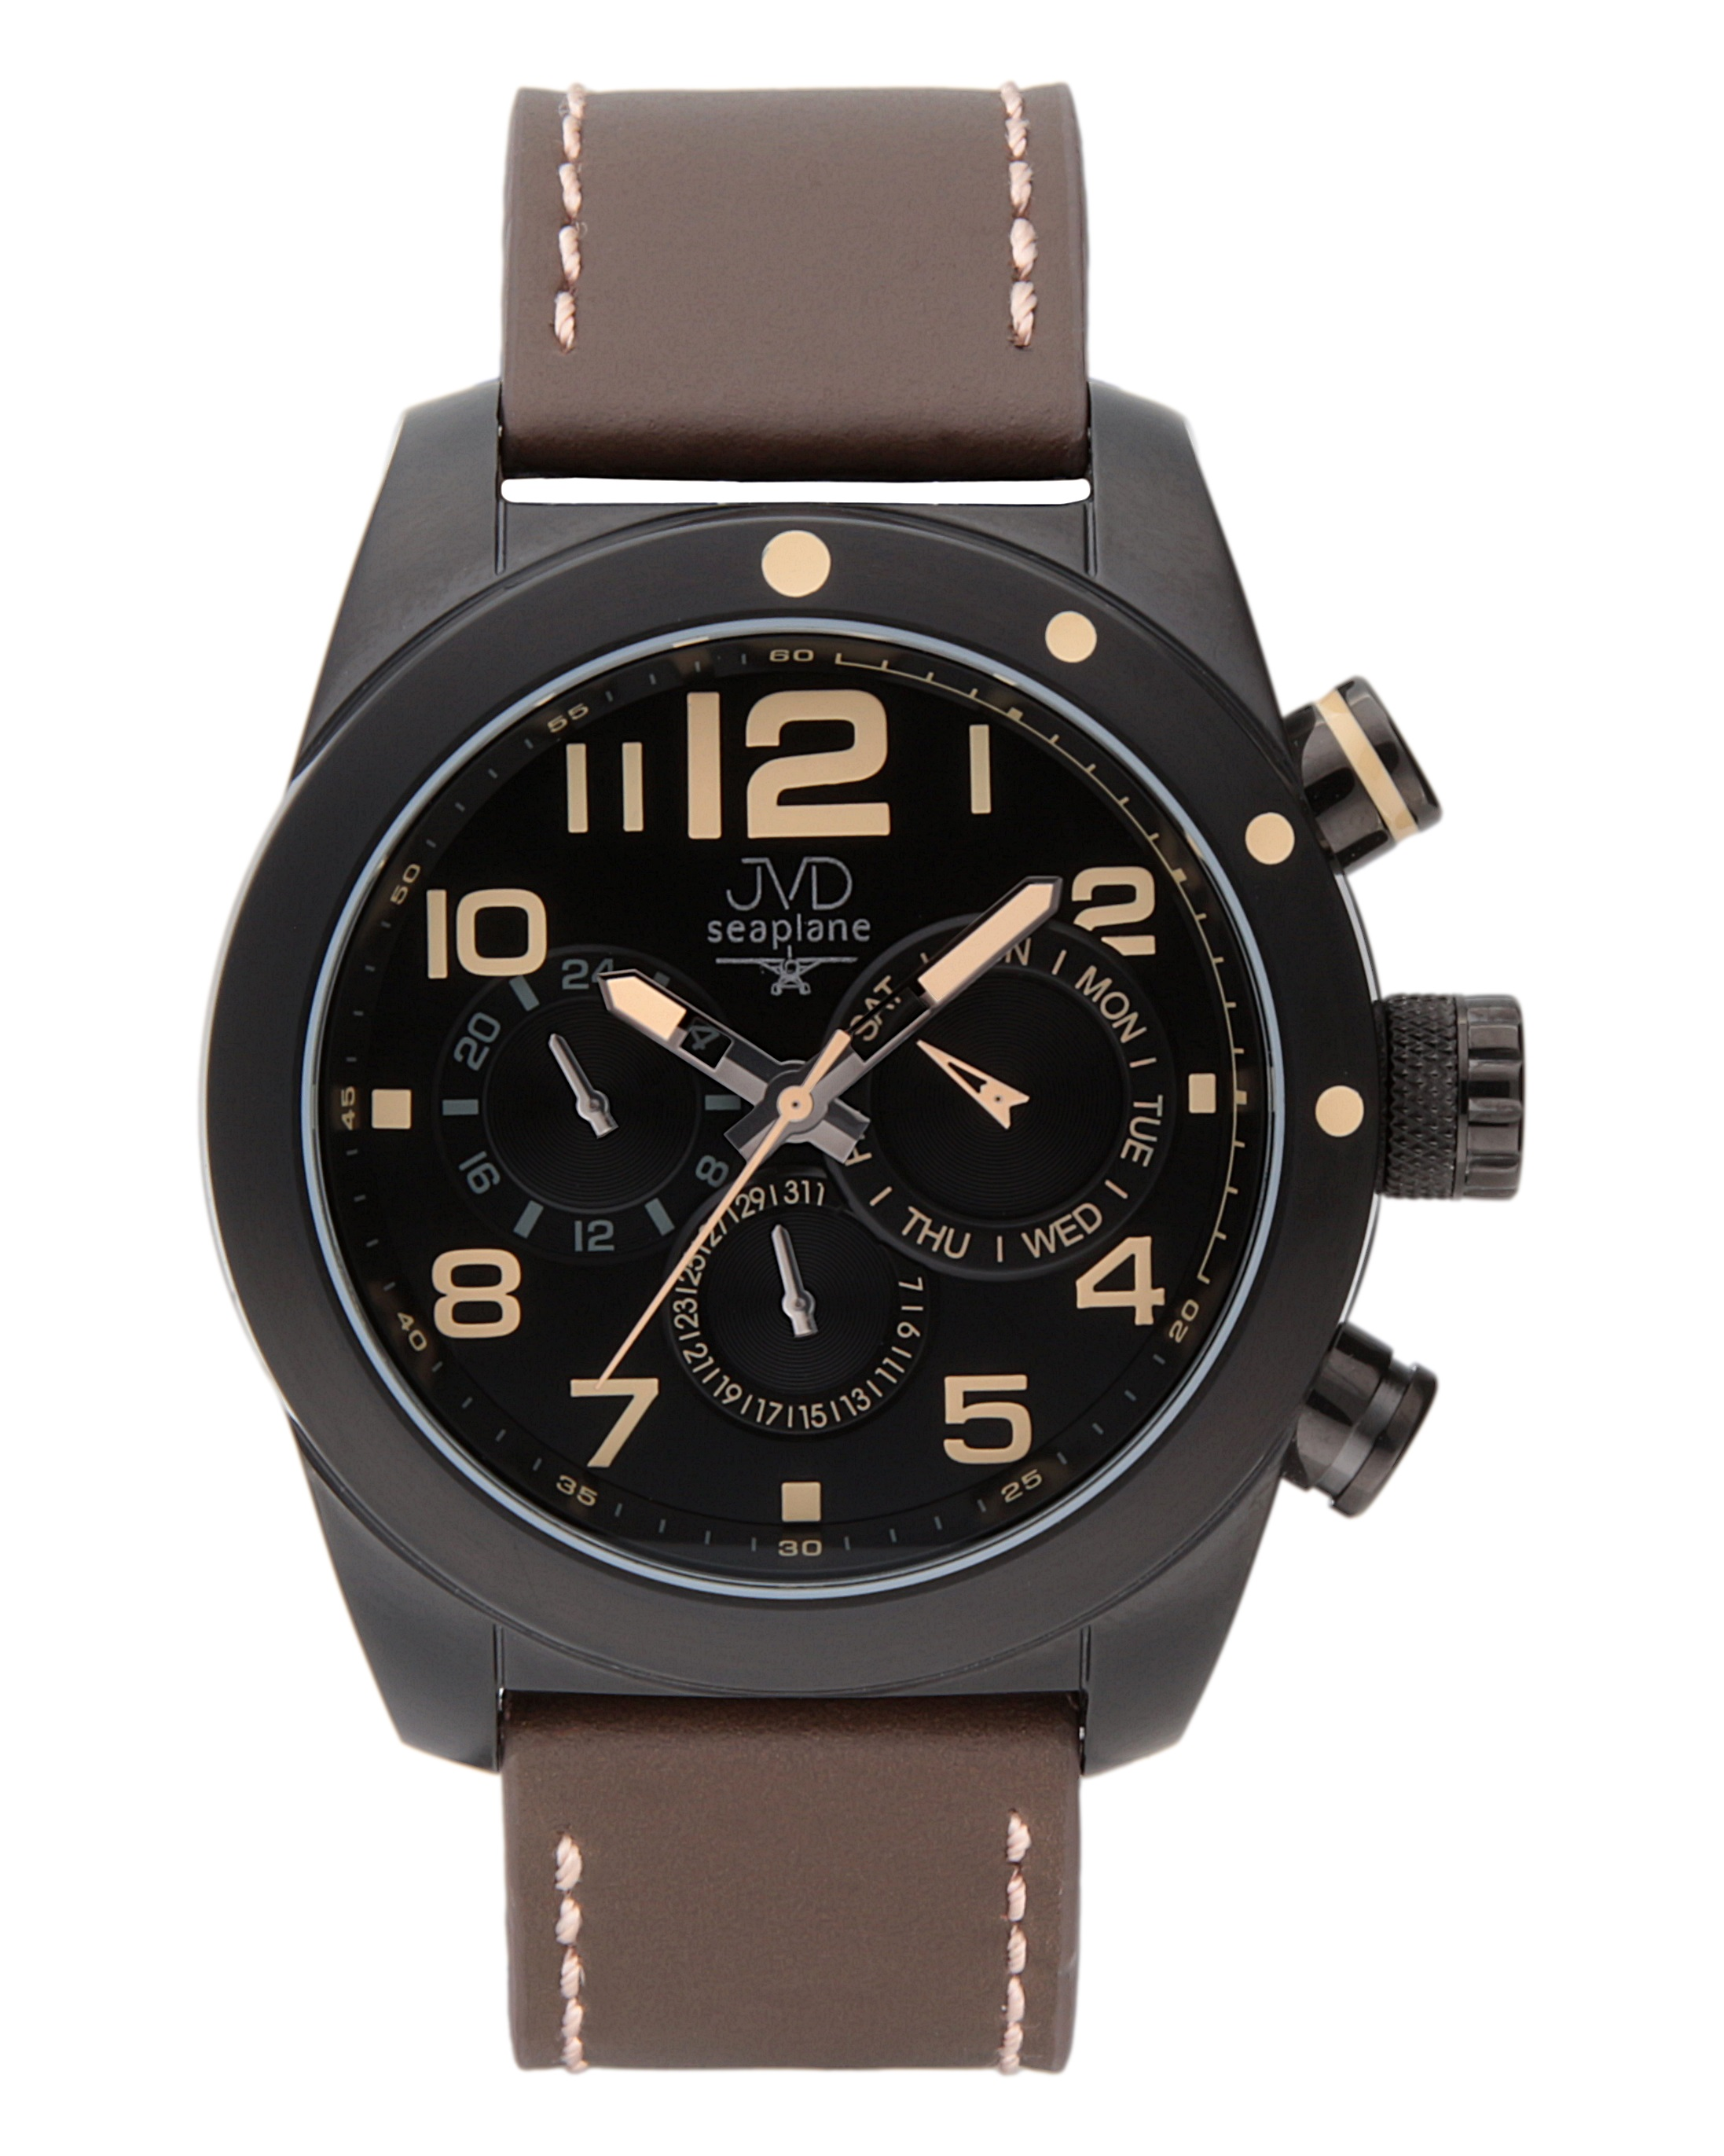 Pánské luxusní ocelové hodinky JVD seaplane W75.1 - chrnografy 10ATM